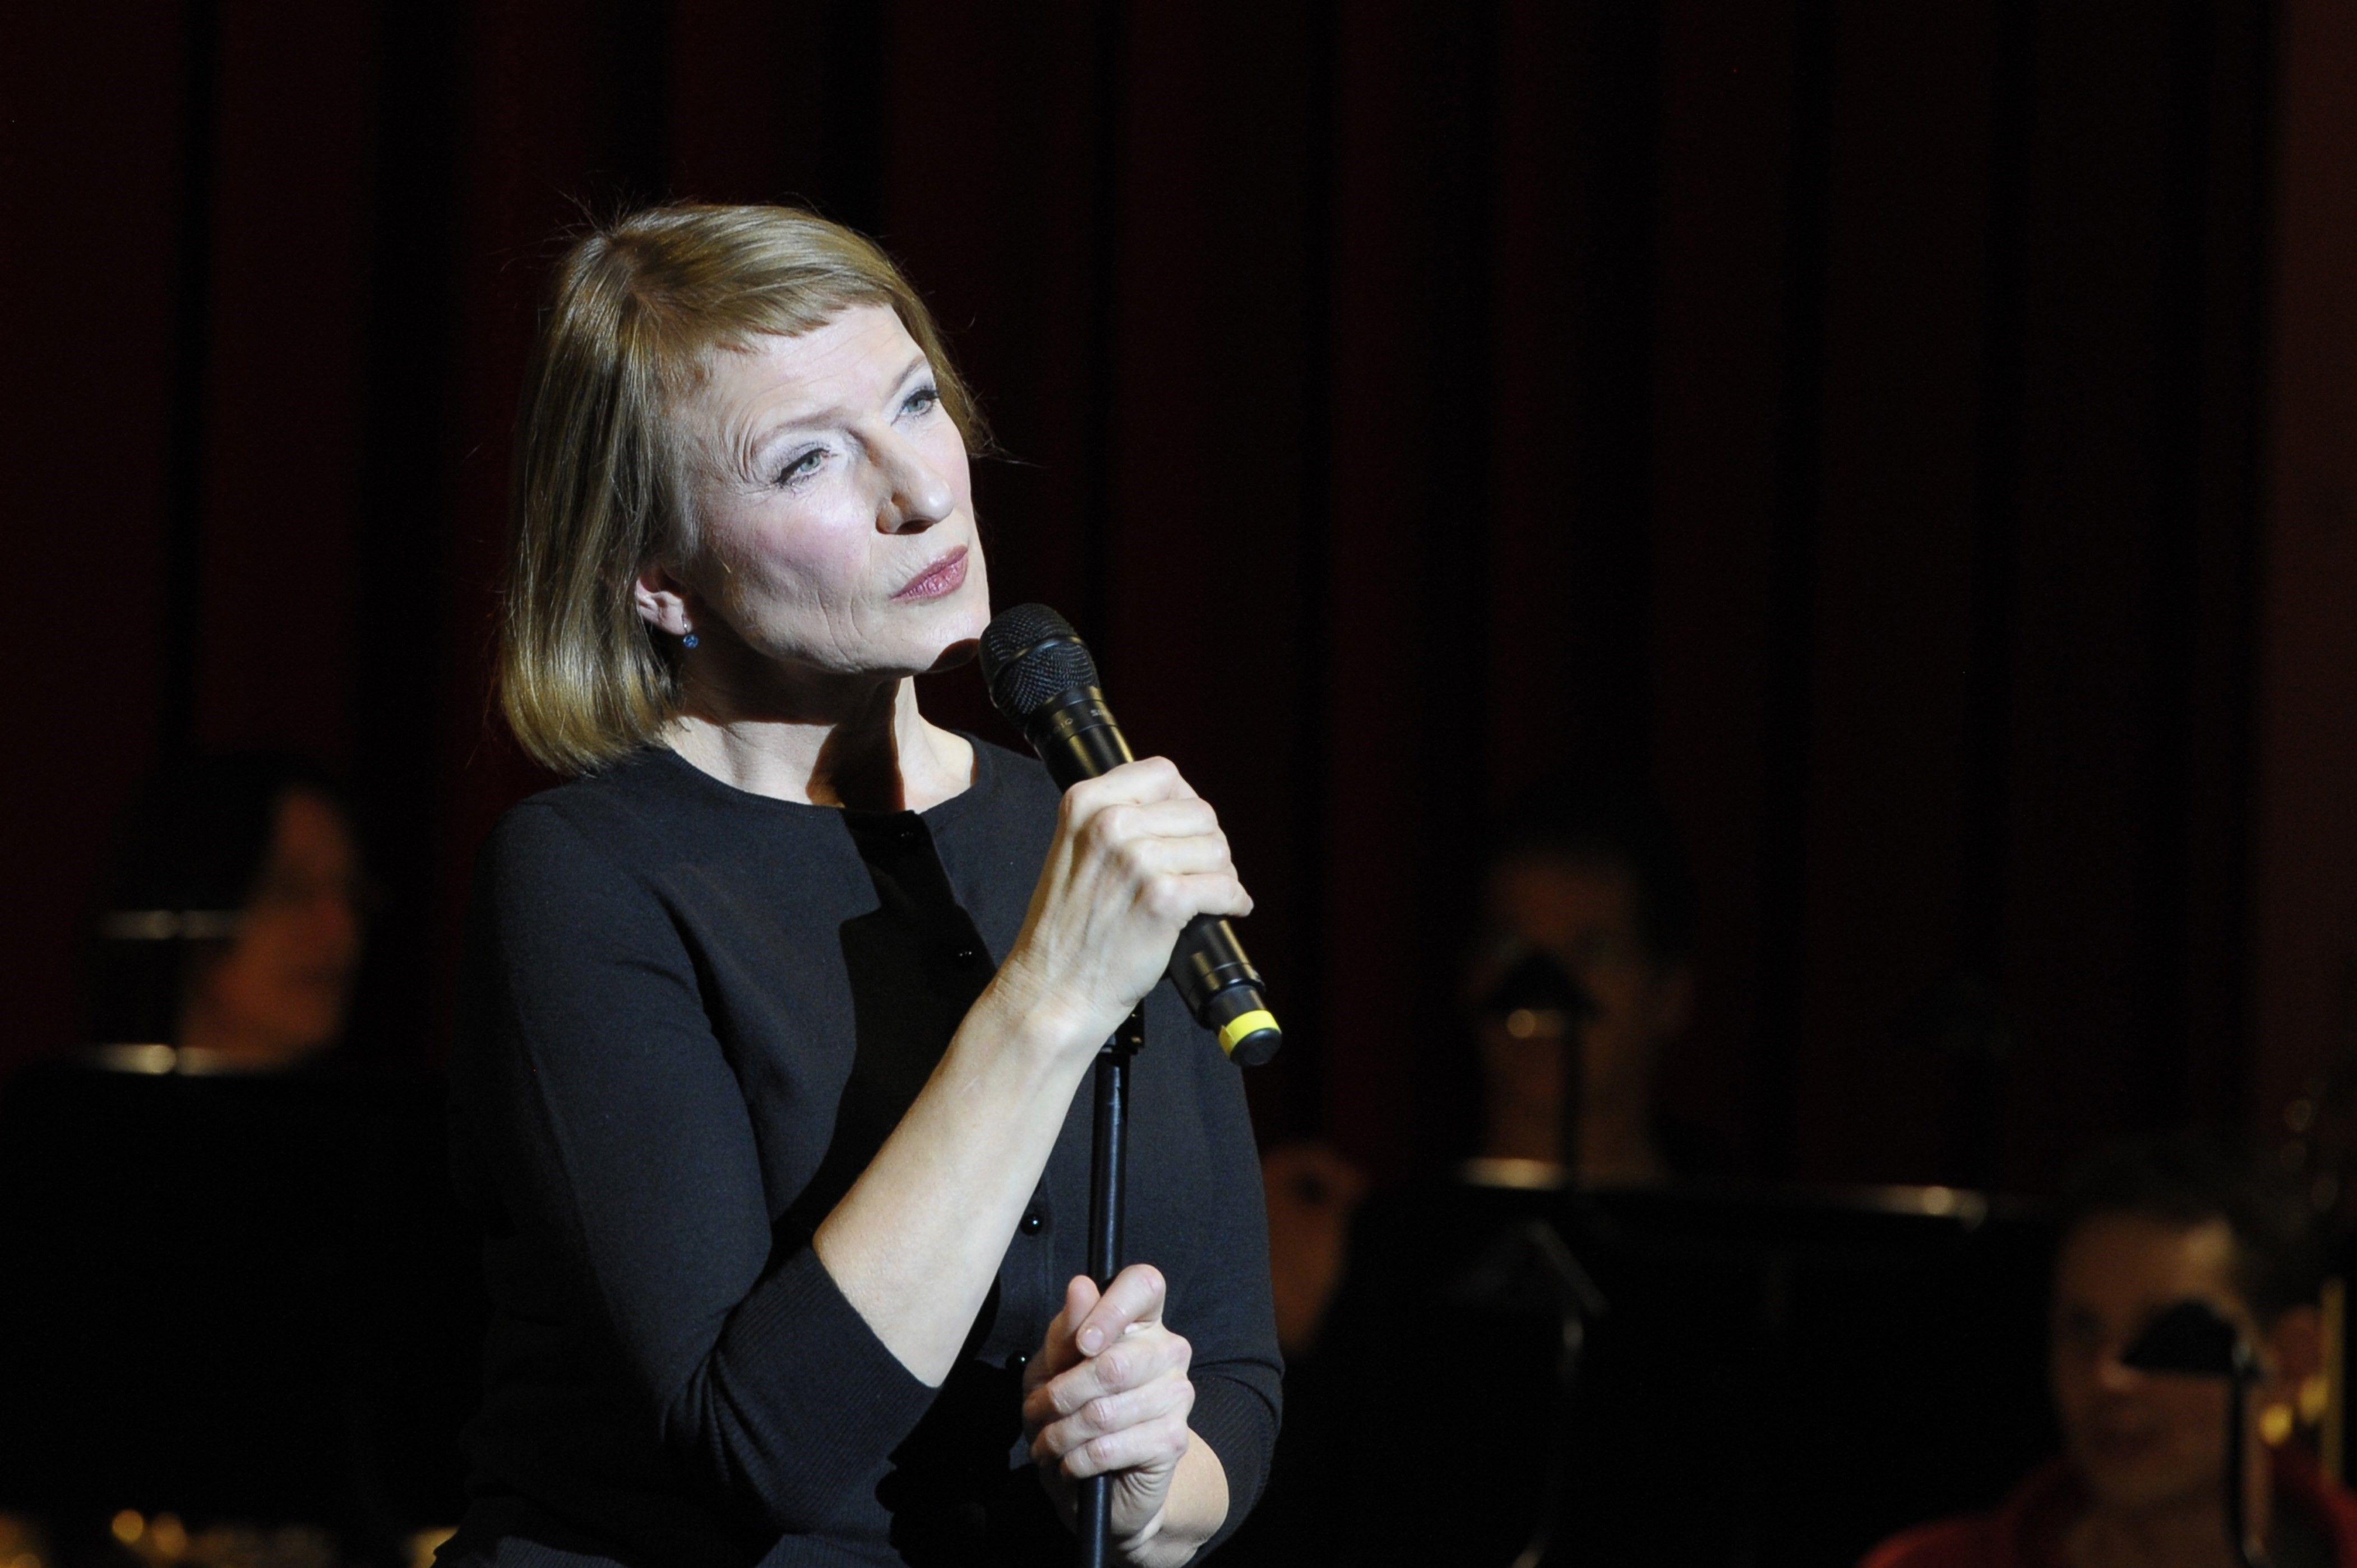 Dagmar Manzel bei ihrem Friedrich Hollaender-Programm; Foto: Brigitte Heinrich/Komische Oper Berlin